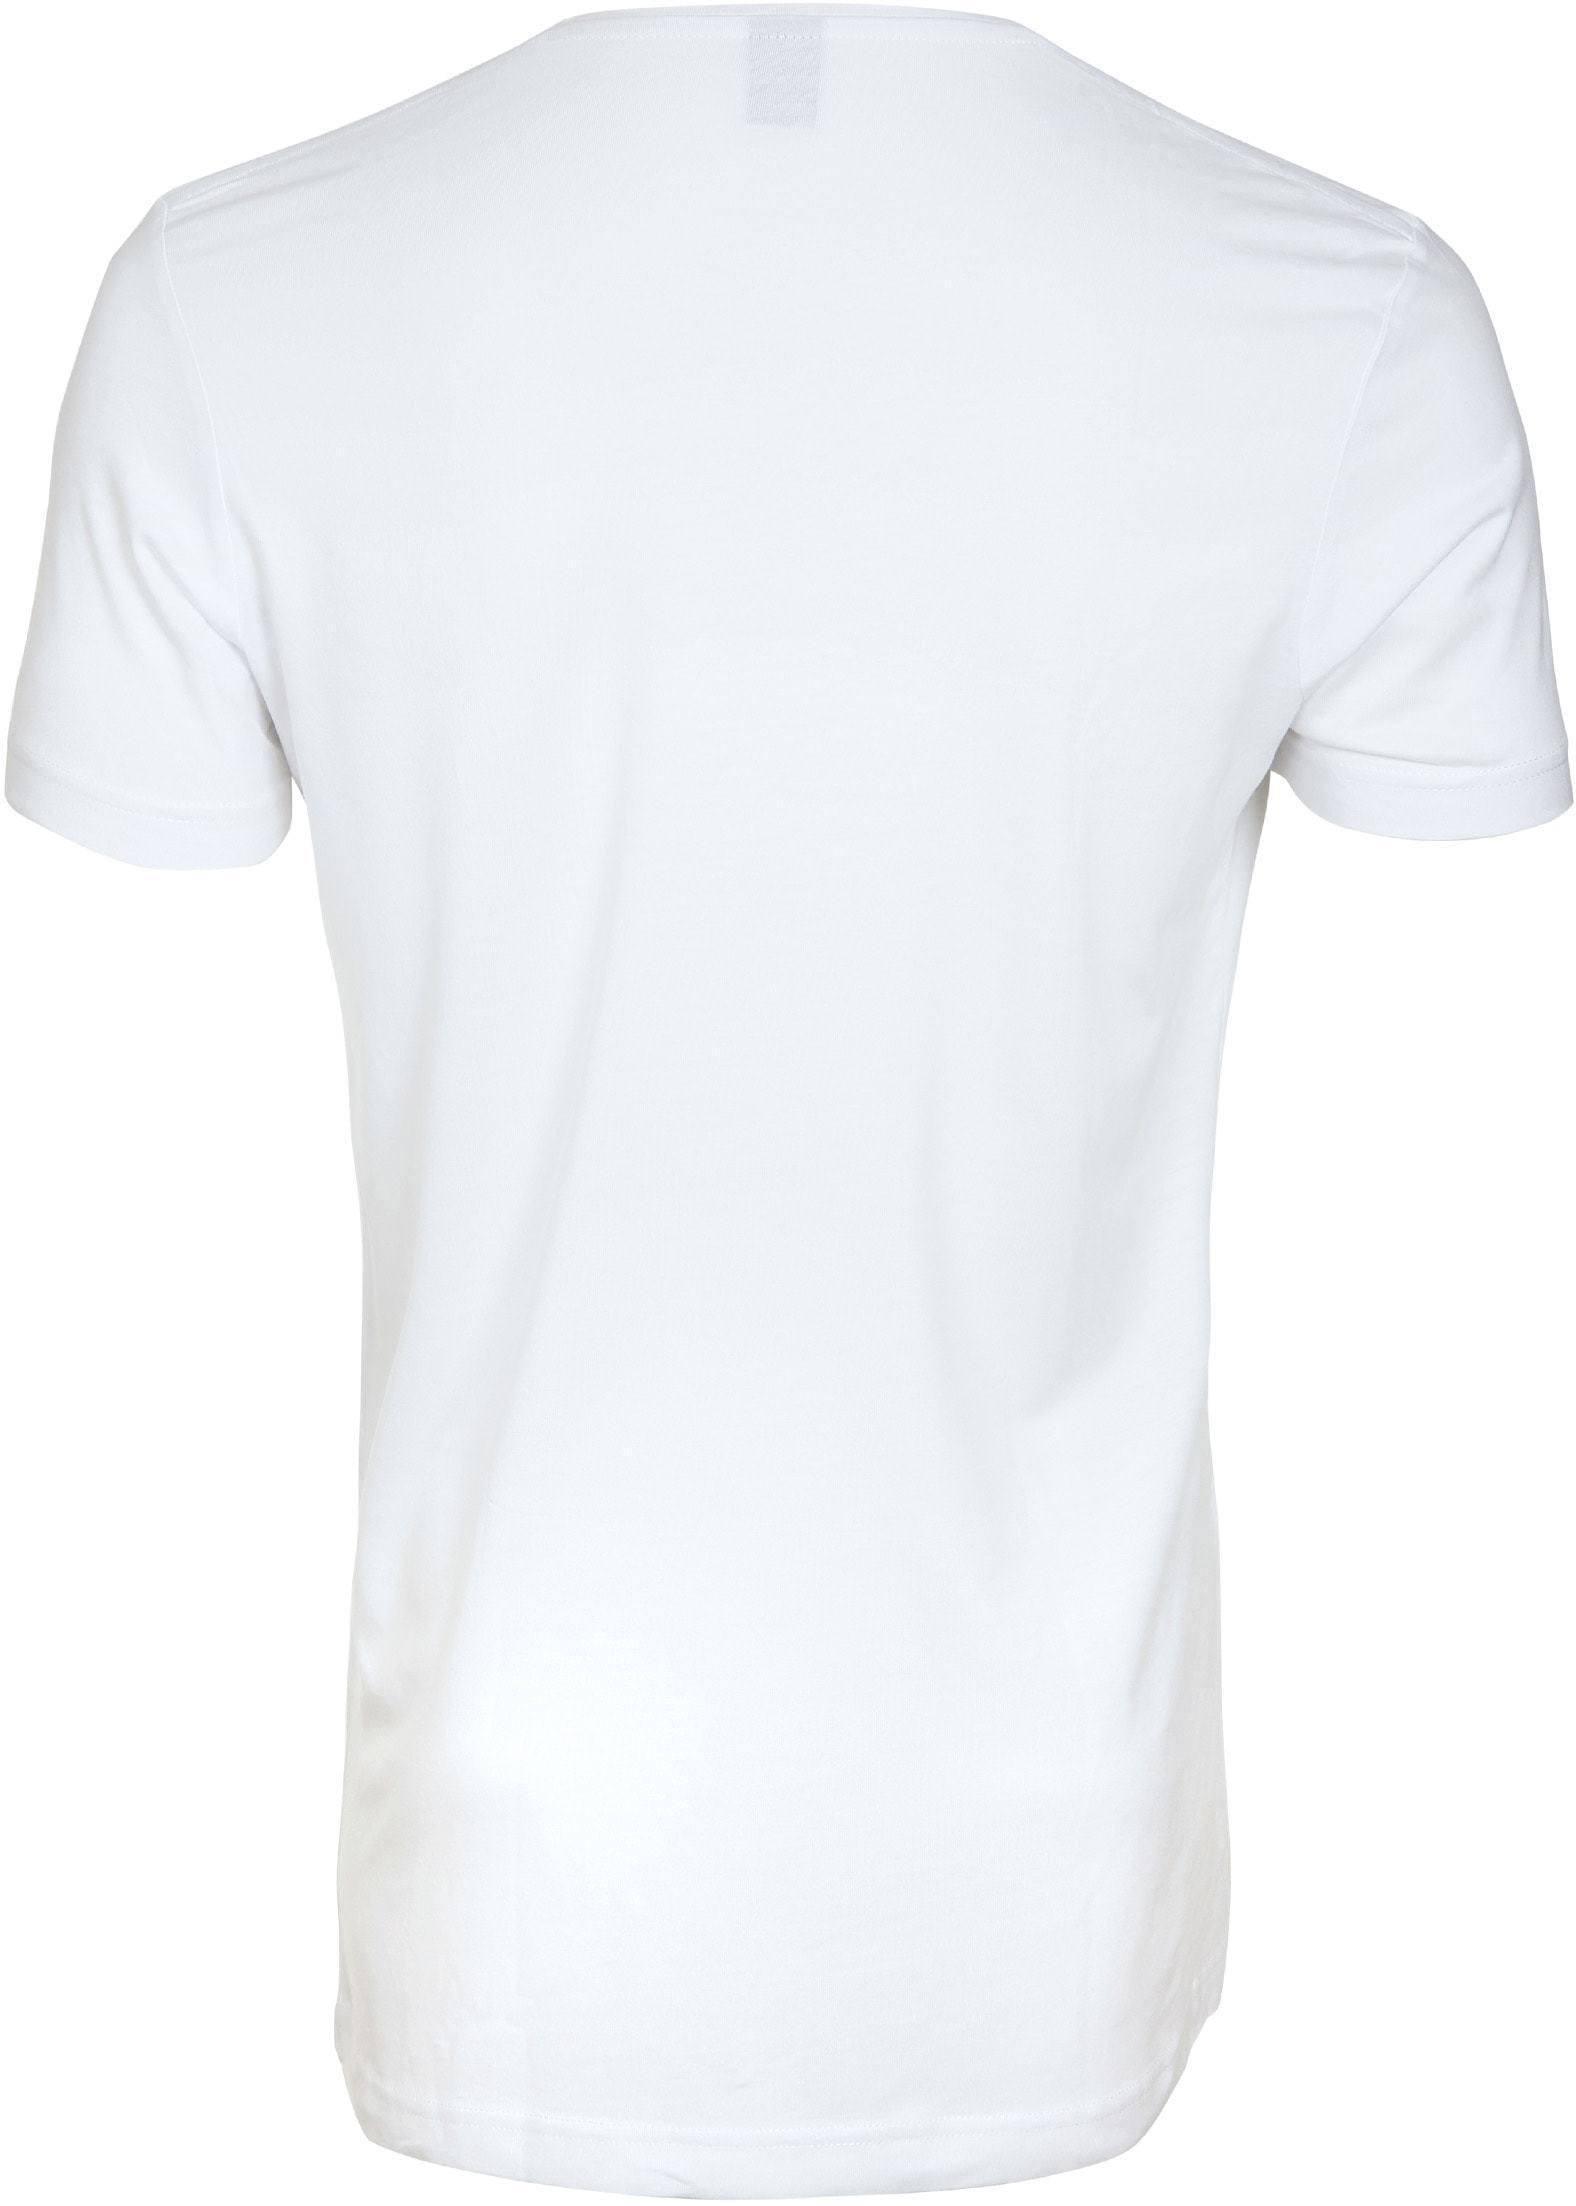 Tiefer V-Ausschnitt 4-Pack Stretch Bambus T-Shirt Weiß foto 2